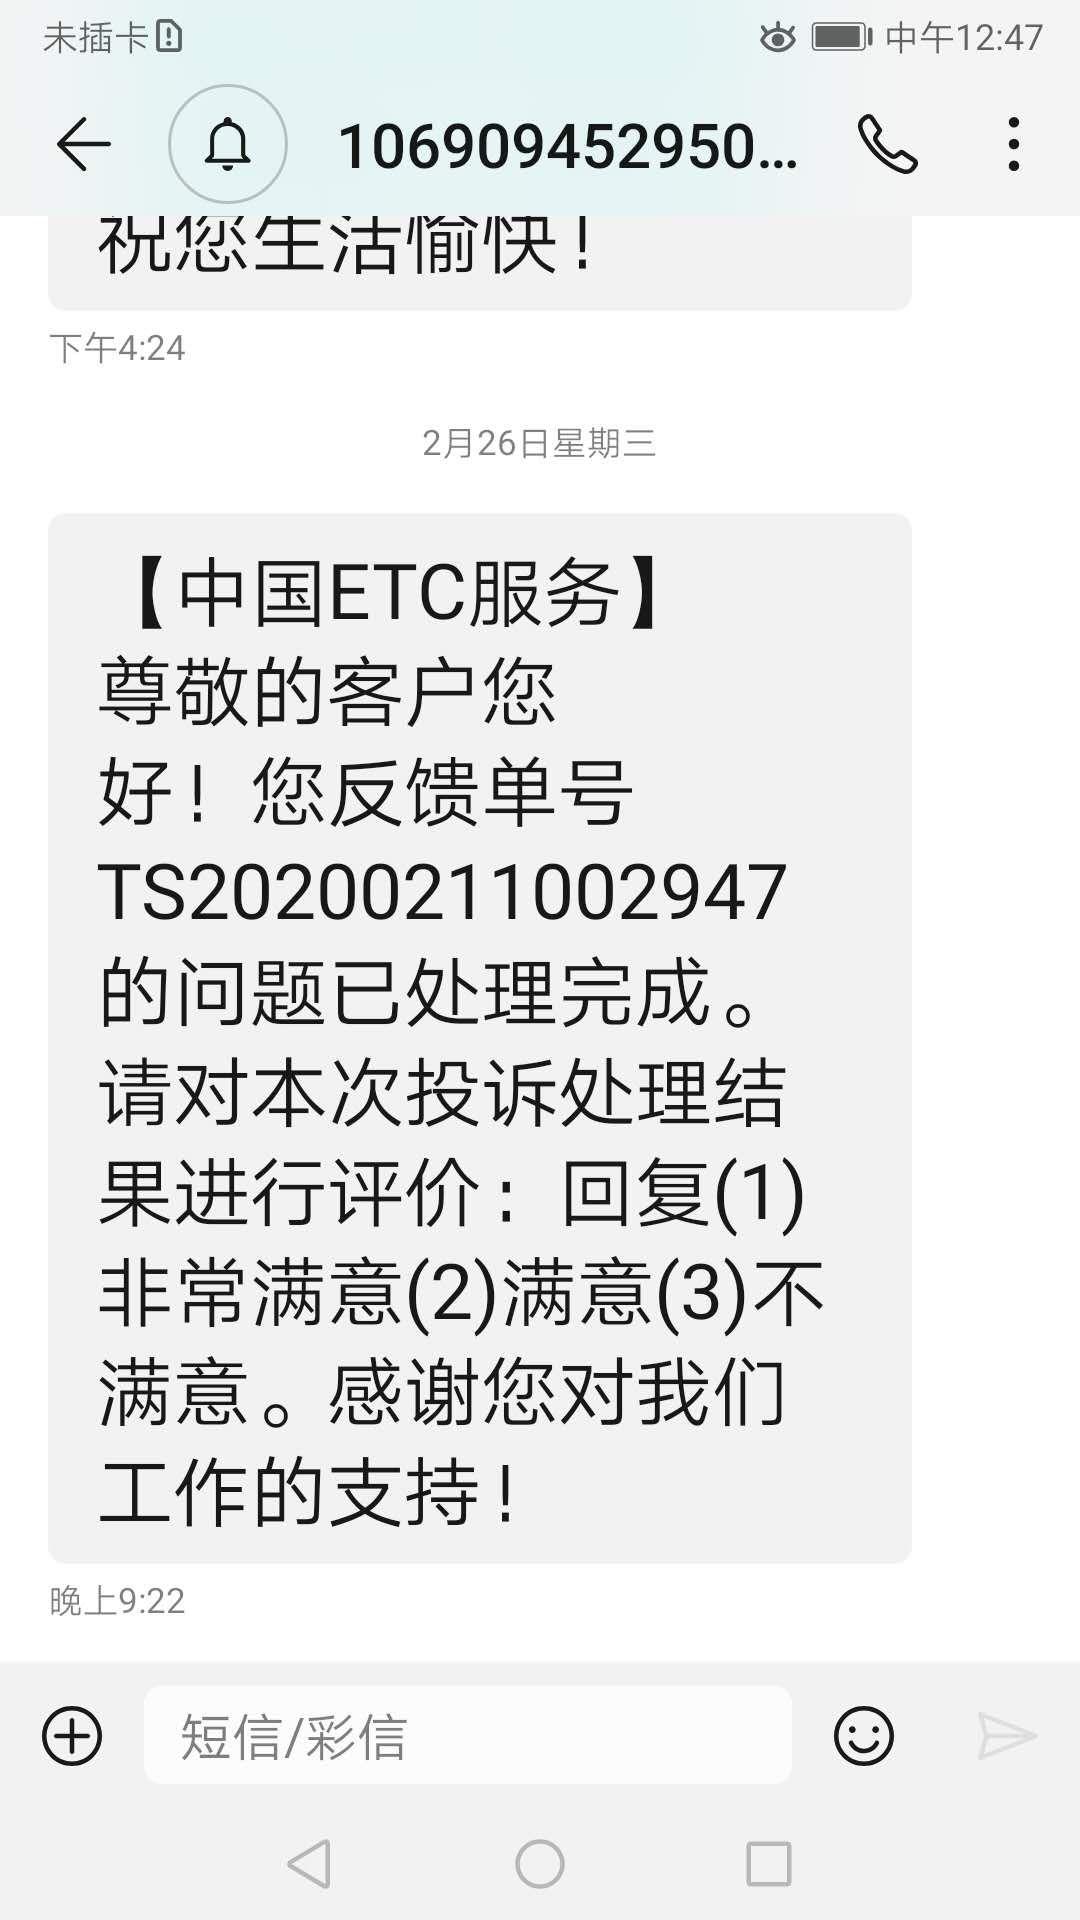 """ETC被莫名扣费后又显示""""退费已完成"""",车主:没收到钱"""